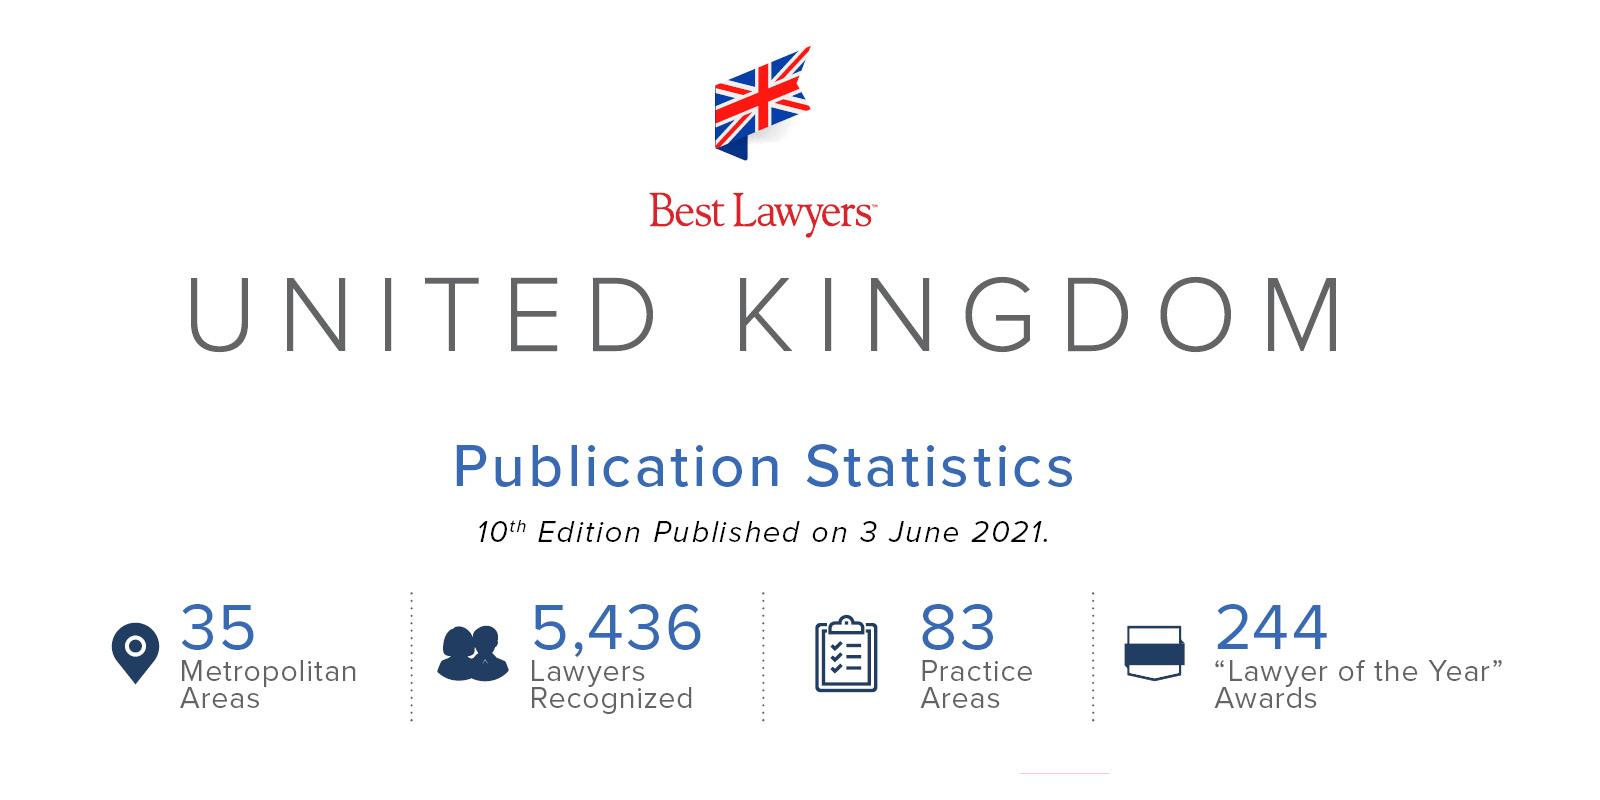 United Kingdom 10th Edition Publication Statistics